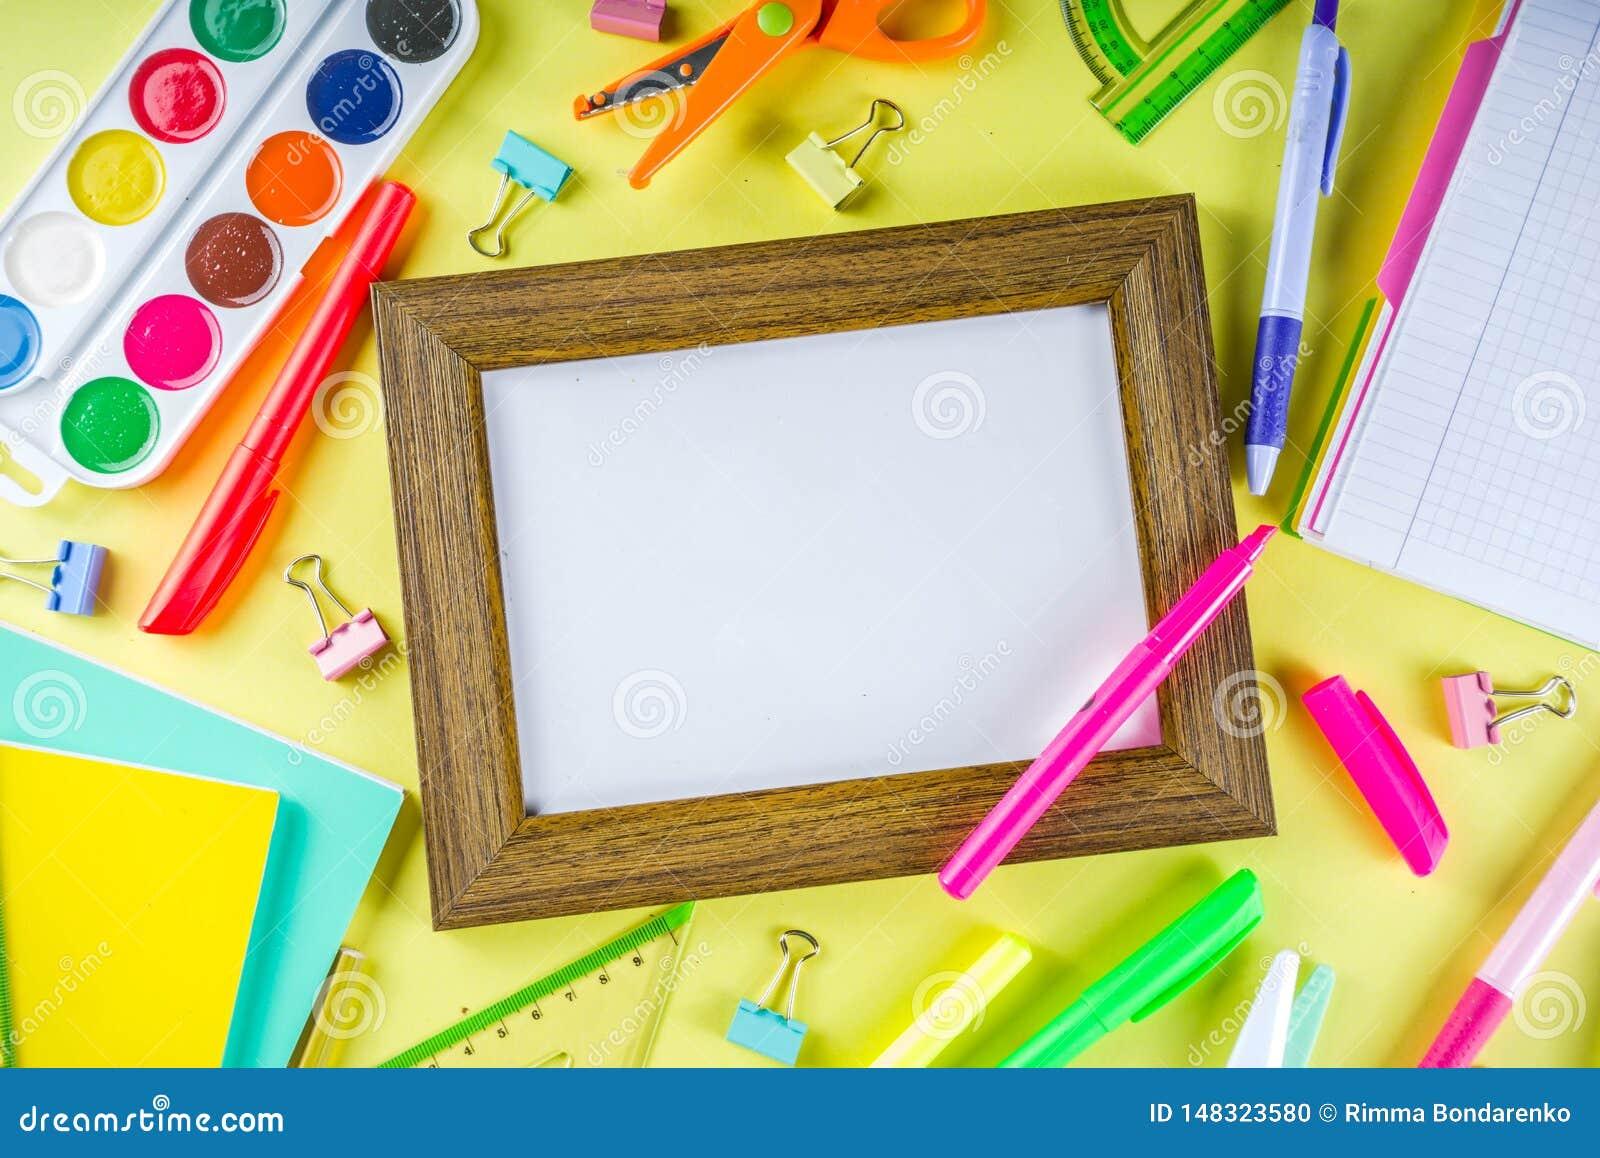 Kleurrijk terug naar de achtergrond van het schoolmateriaal